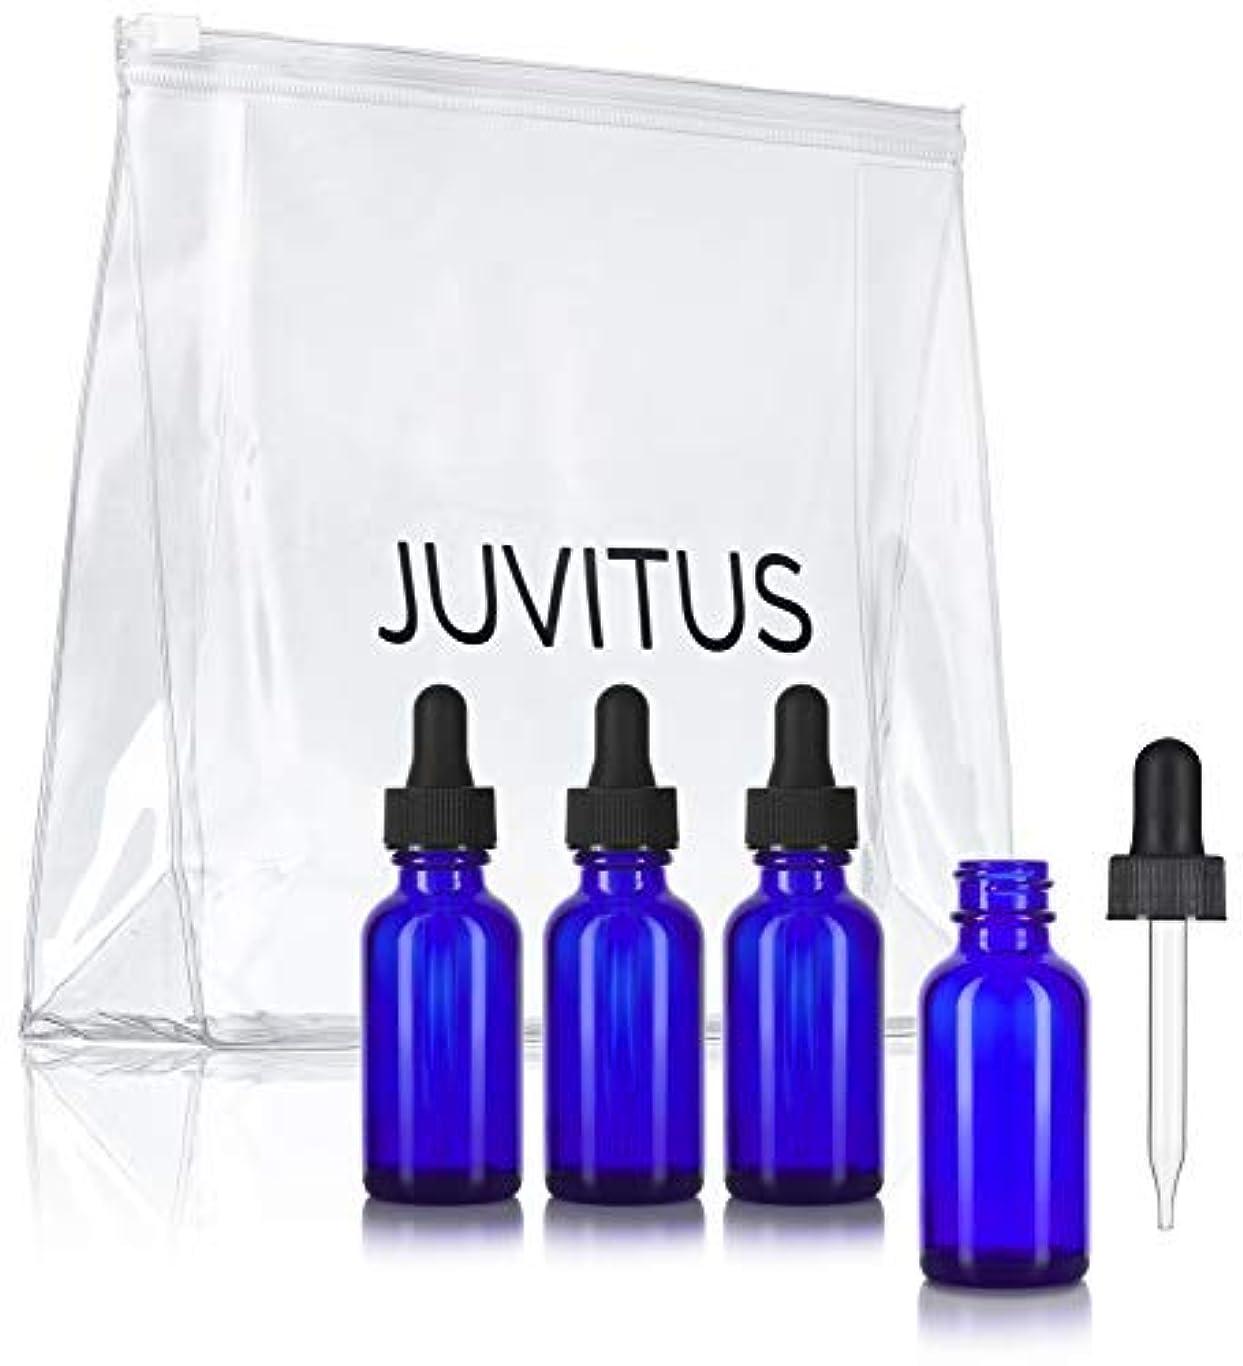 変数テスピアン偏見Cobalt Blue Glass Boston Round Dropper Bottle - 1 oz (4 Pack) + Clear Travel Bag for Essential Oils, Aromatherapy...